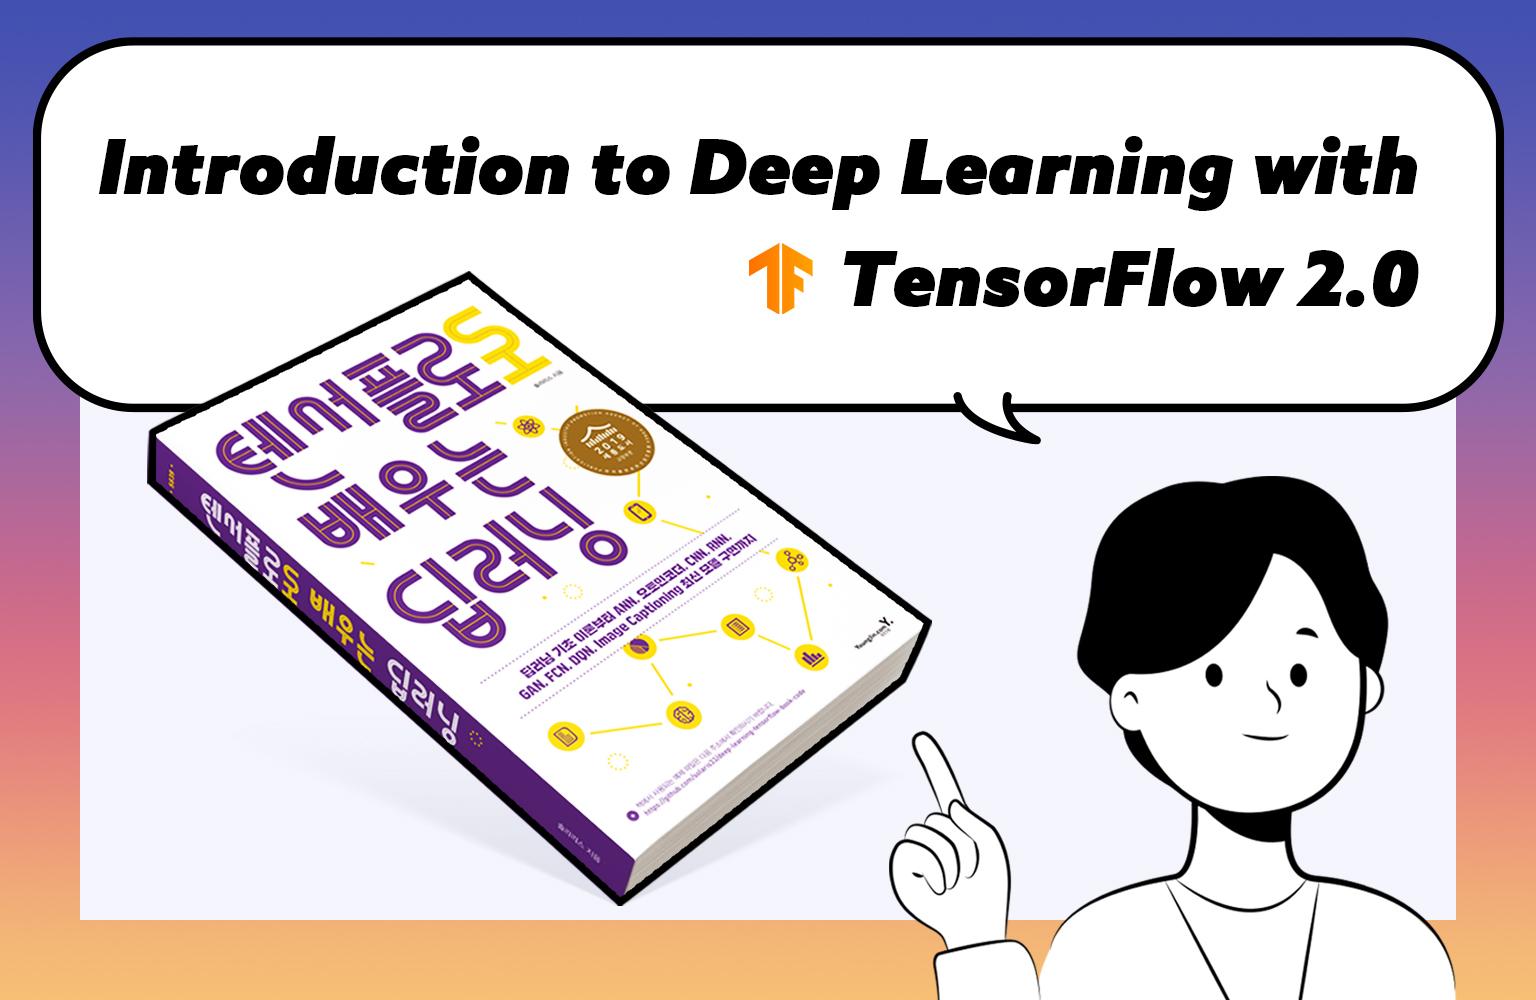 TensorFlow 2.0으로 배우는 딥러닝 입문